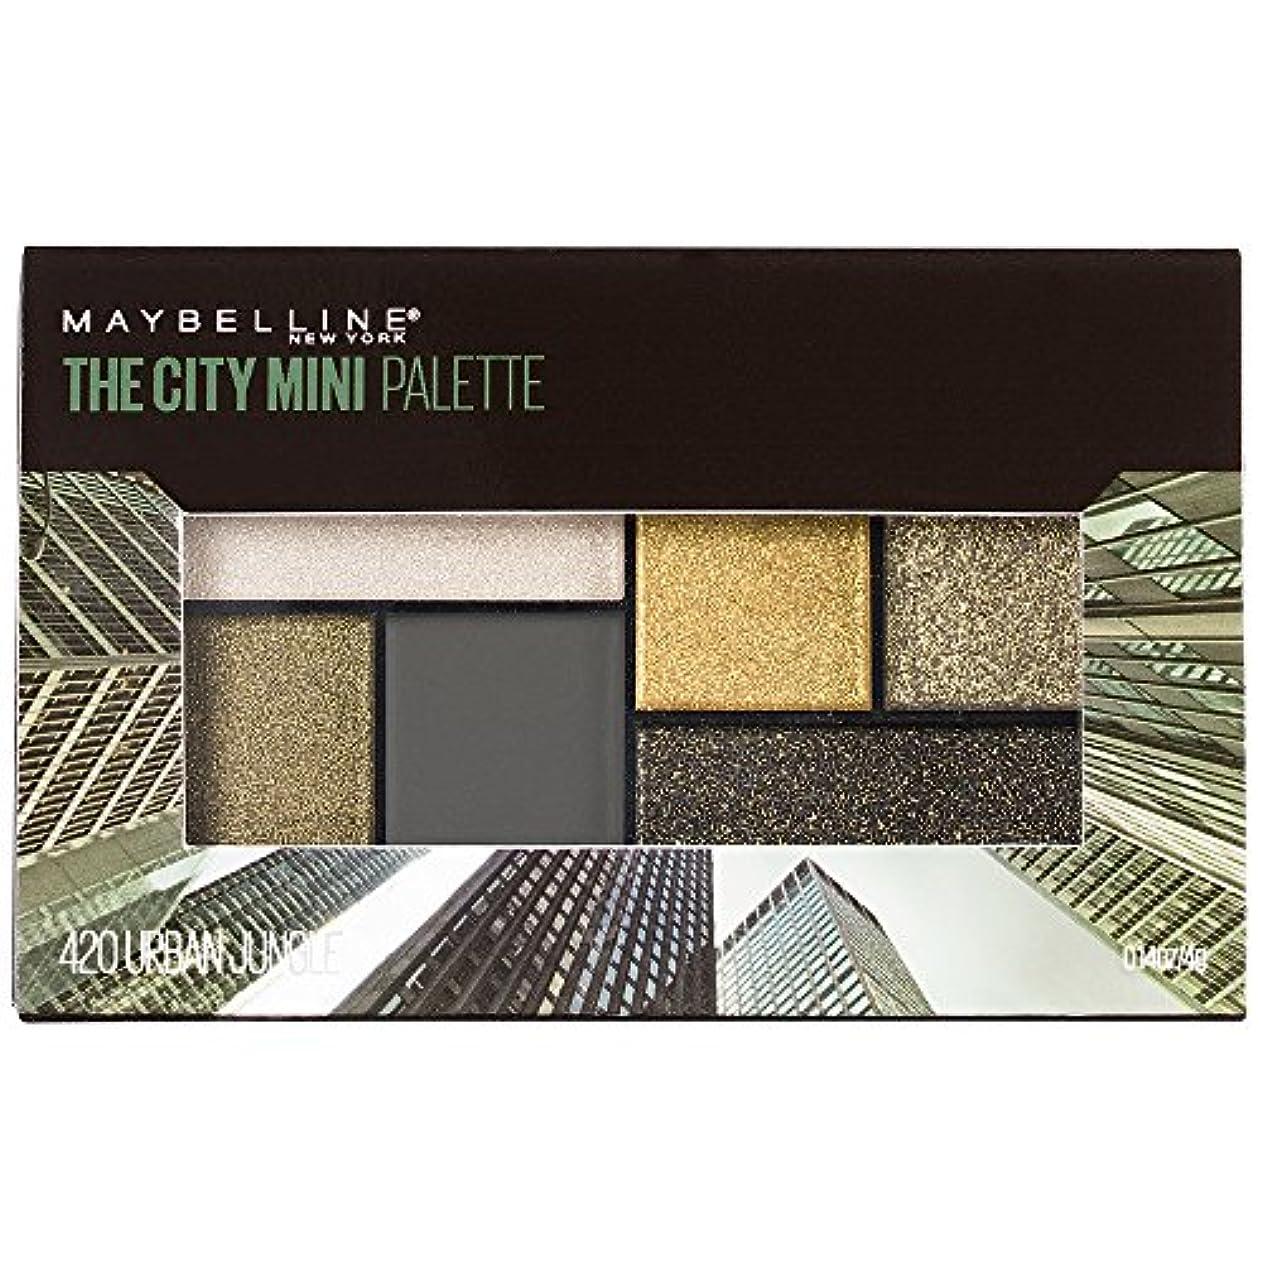 年好き暴力的なMAYBELLINE The City Mini Palette - Urban Jungle (並行輸入品)